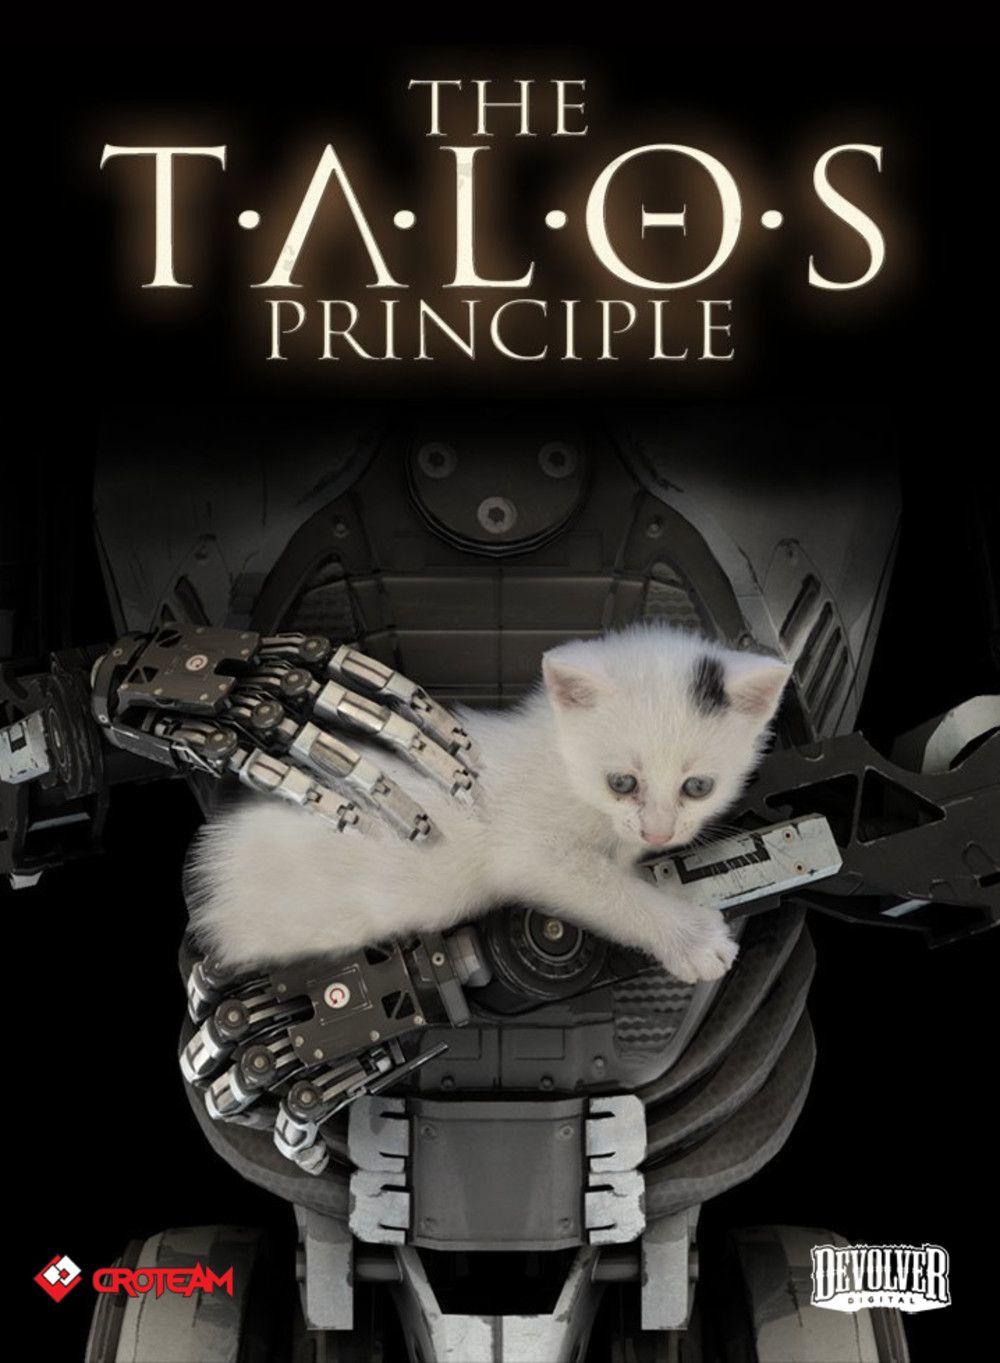 Nexway The Talos Principle vídeo juego PC/Mac/Linux Básico Español